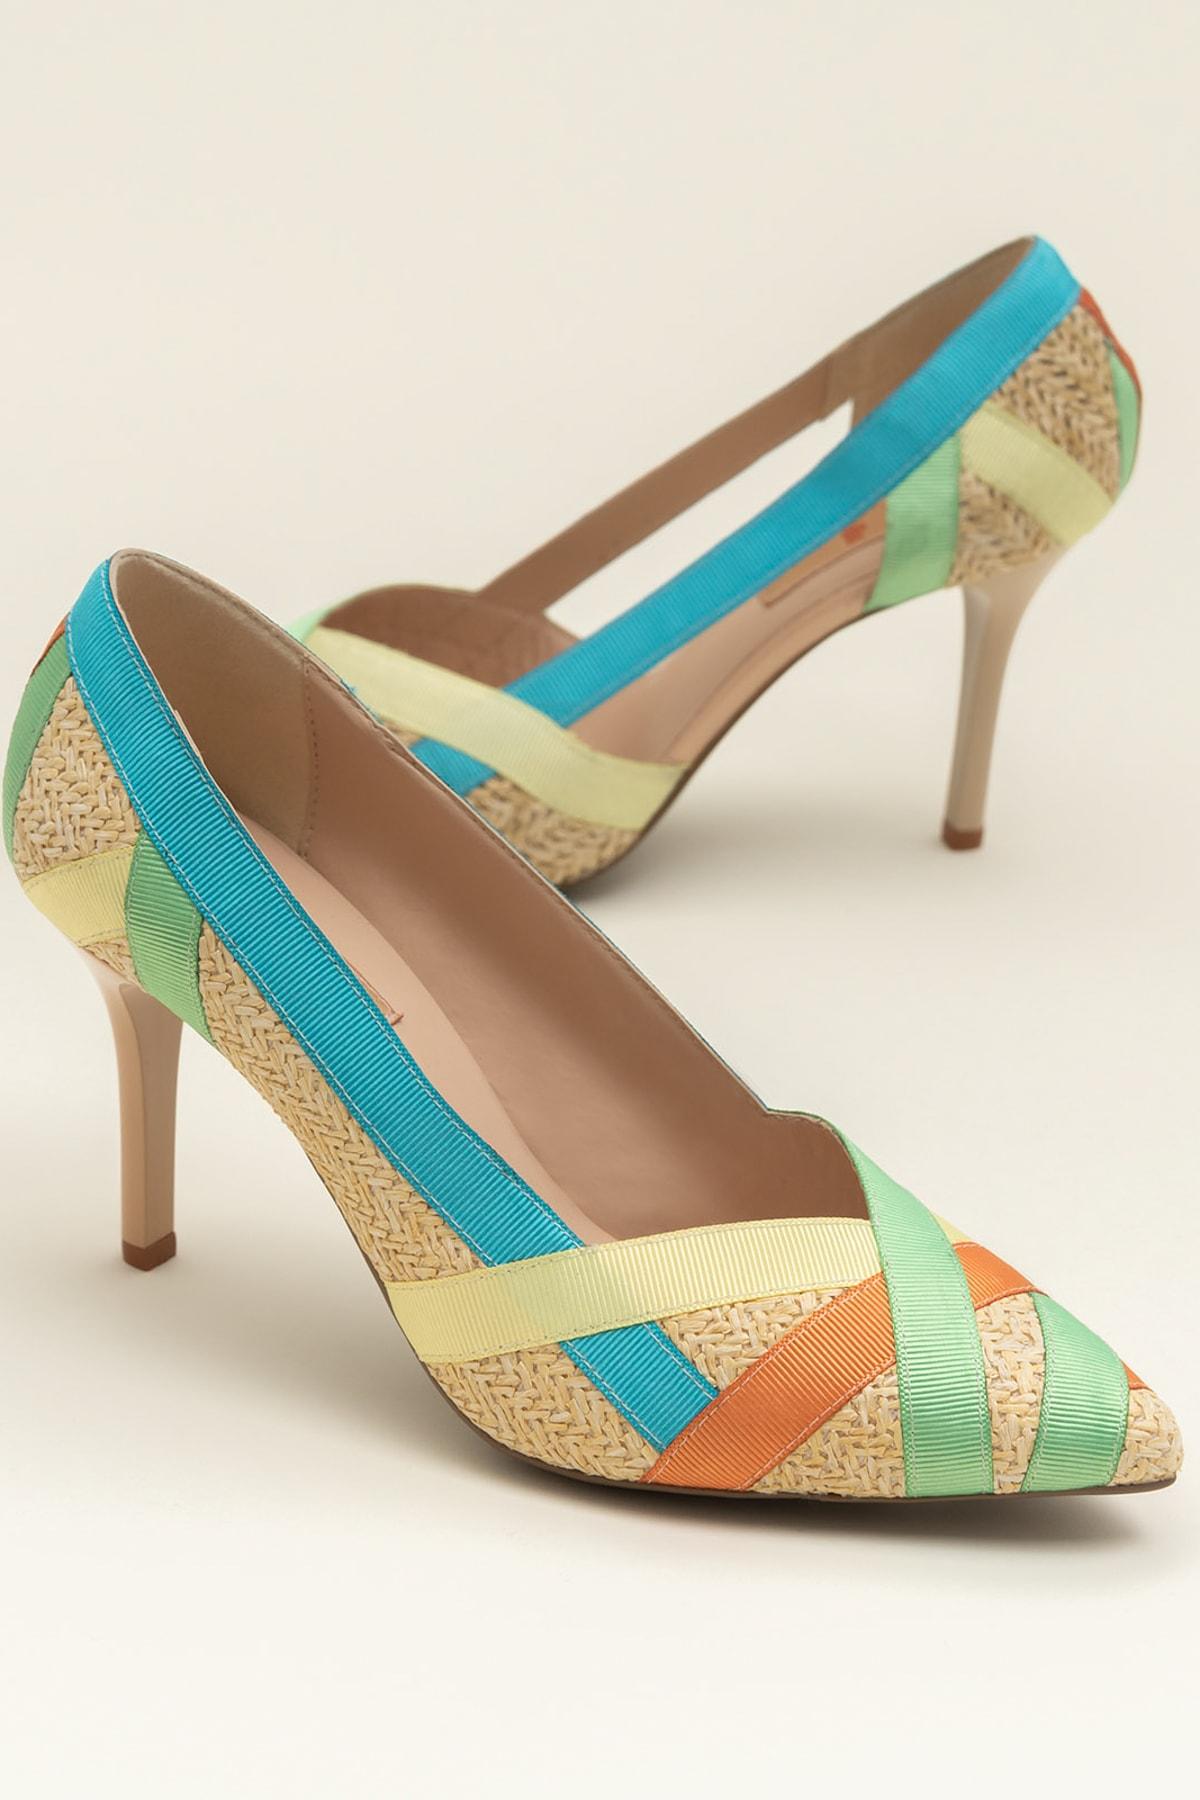 Elle Shoes ELORZA-1 Multi Kadın Ayakkabı 1